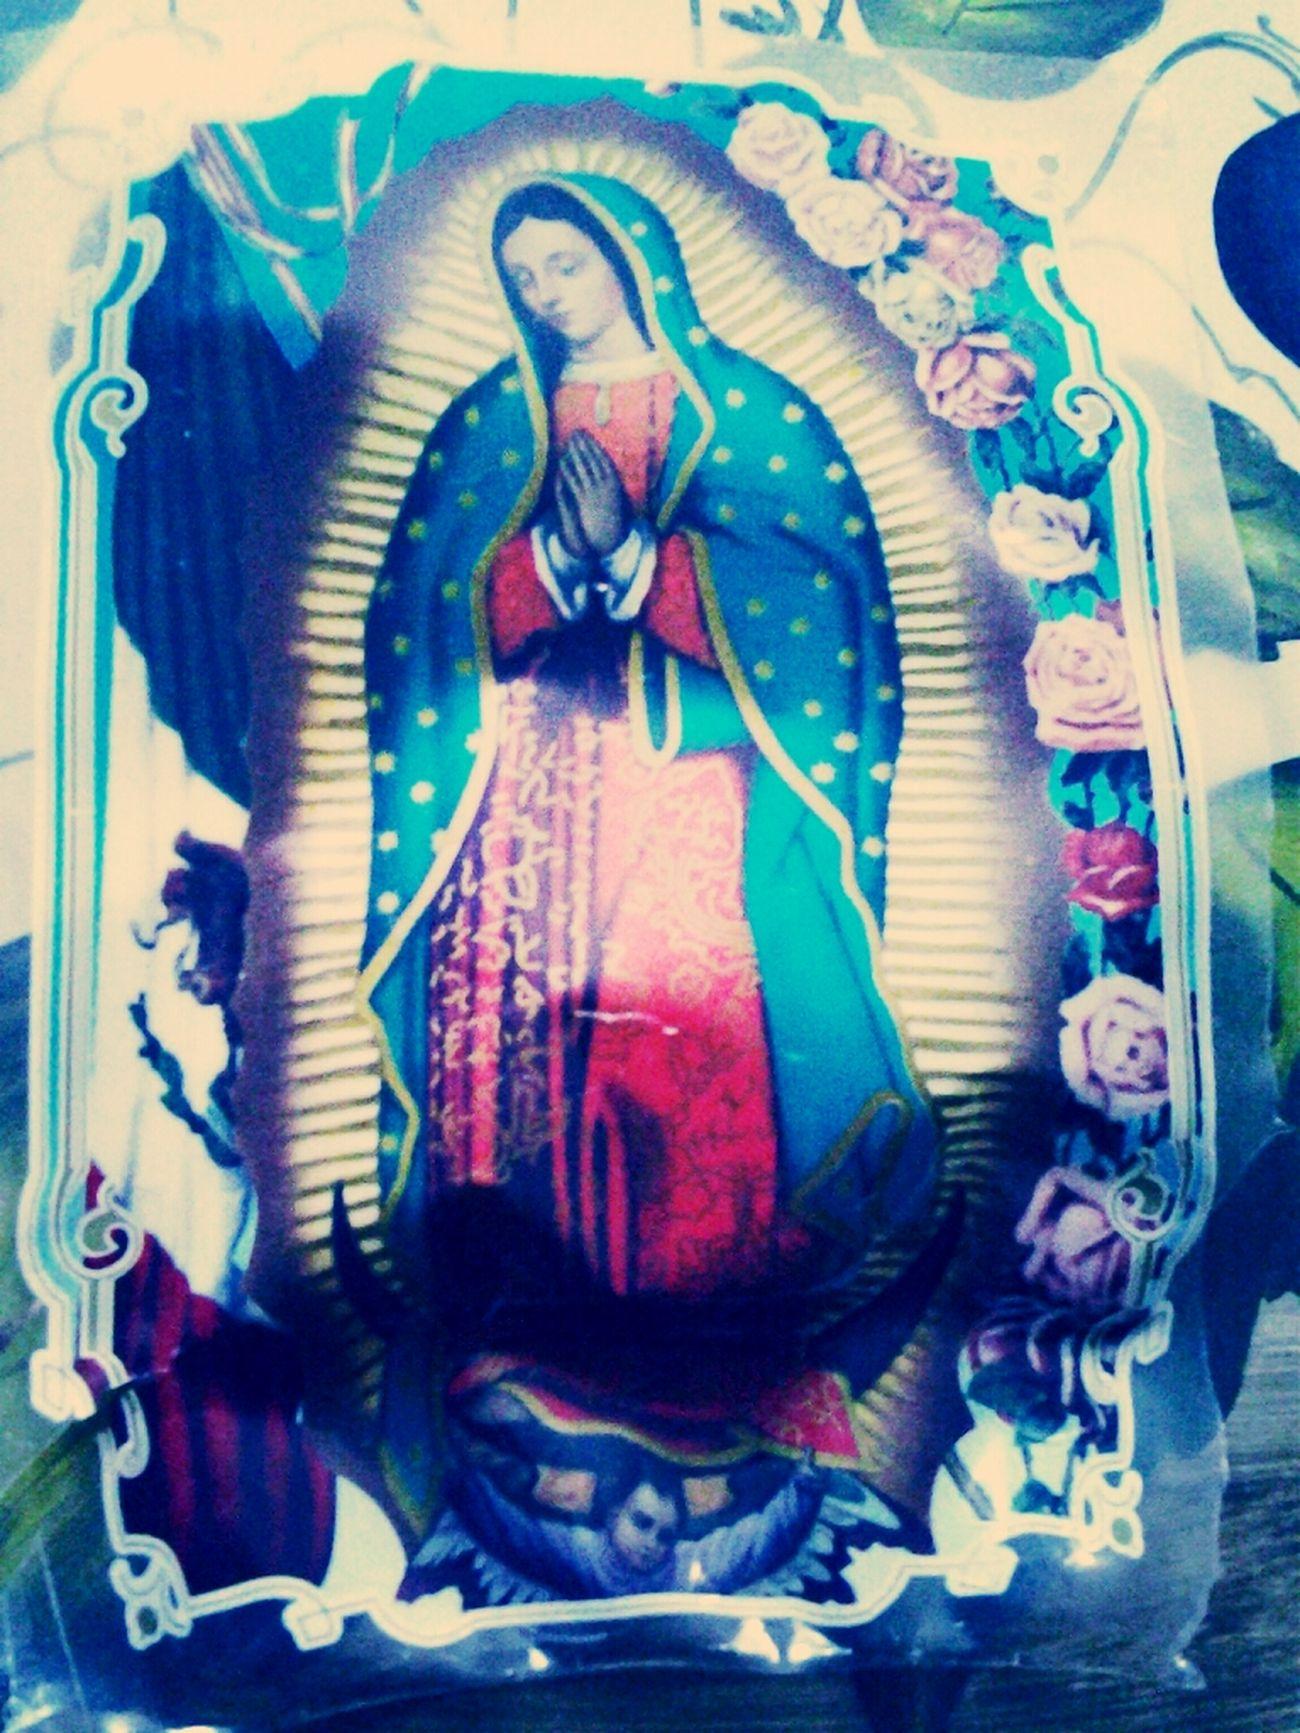 la luz de nuestra fe . viegen morena cuida mi Barrio y despues me condenas de mis pecados ...sur 13